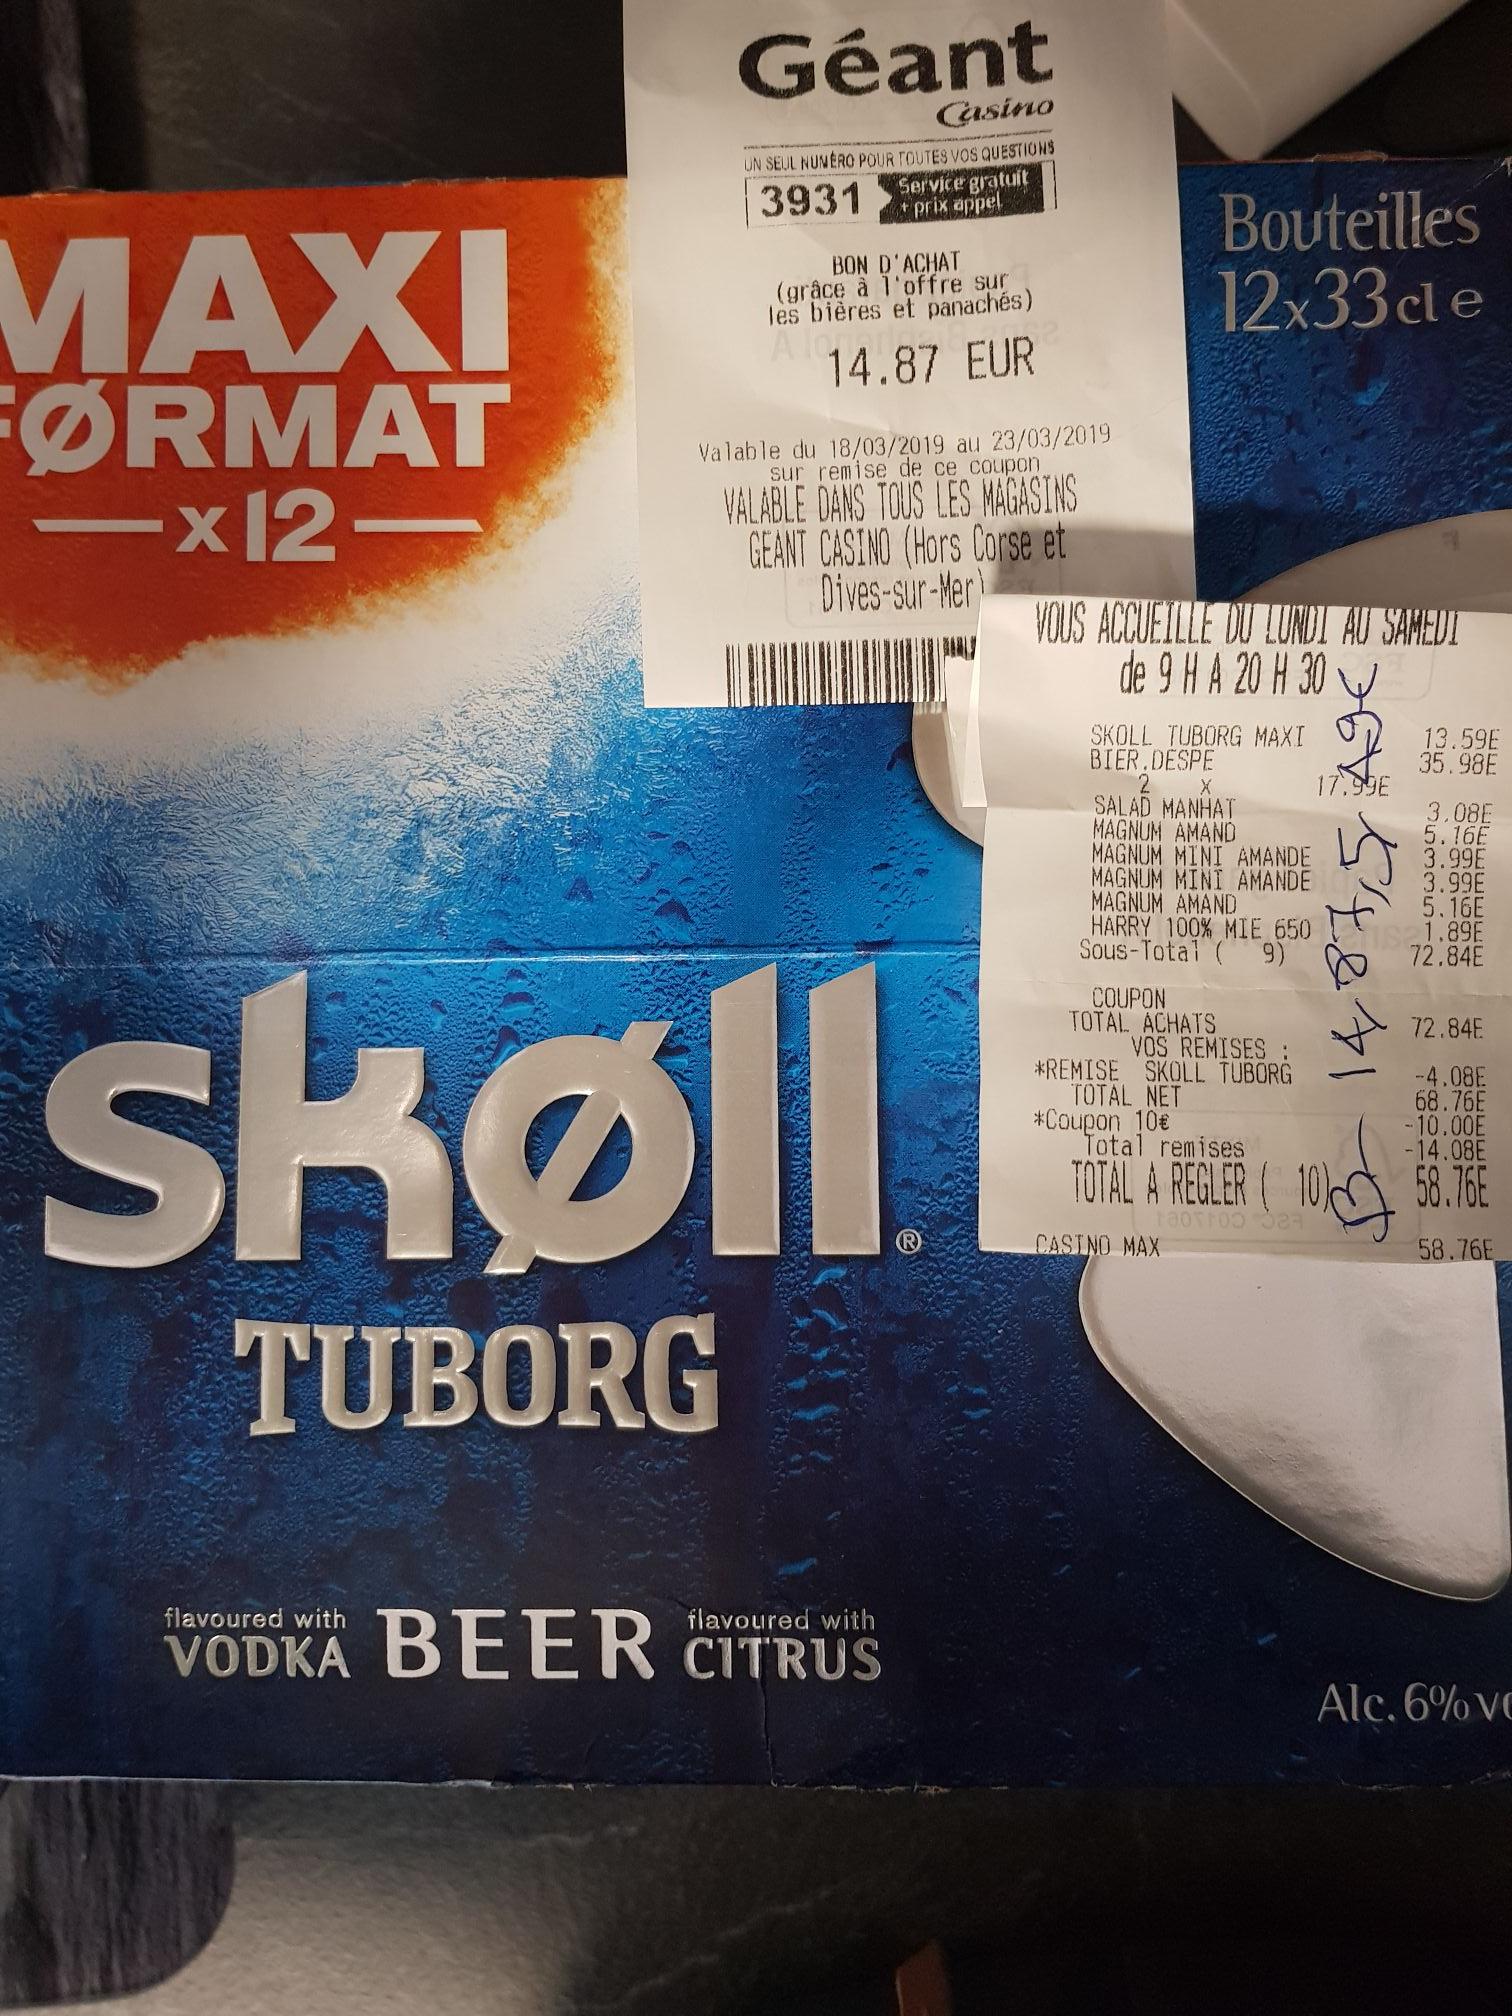 [De 11h à 13h et après 17h] Pack de 12 Bières Skoll Tuborg (Via 30% en bon d'achat) - 12x 33cl - Boissy-Saint-Léger (94)